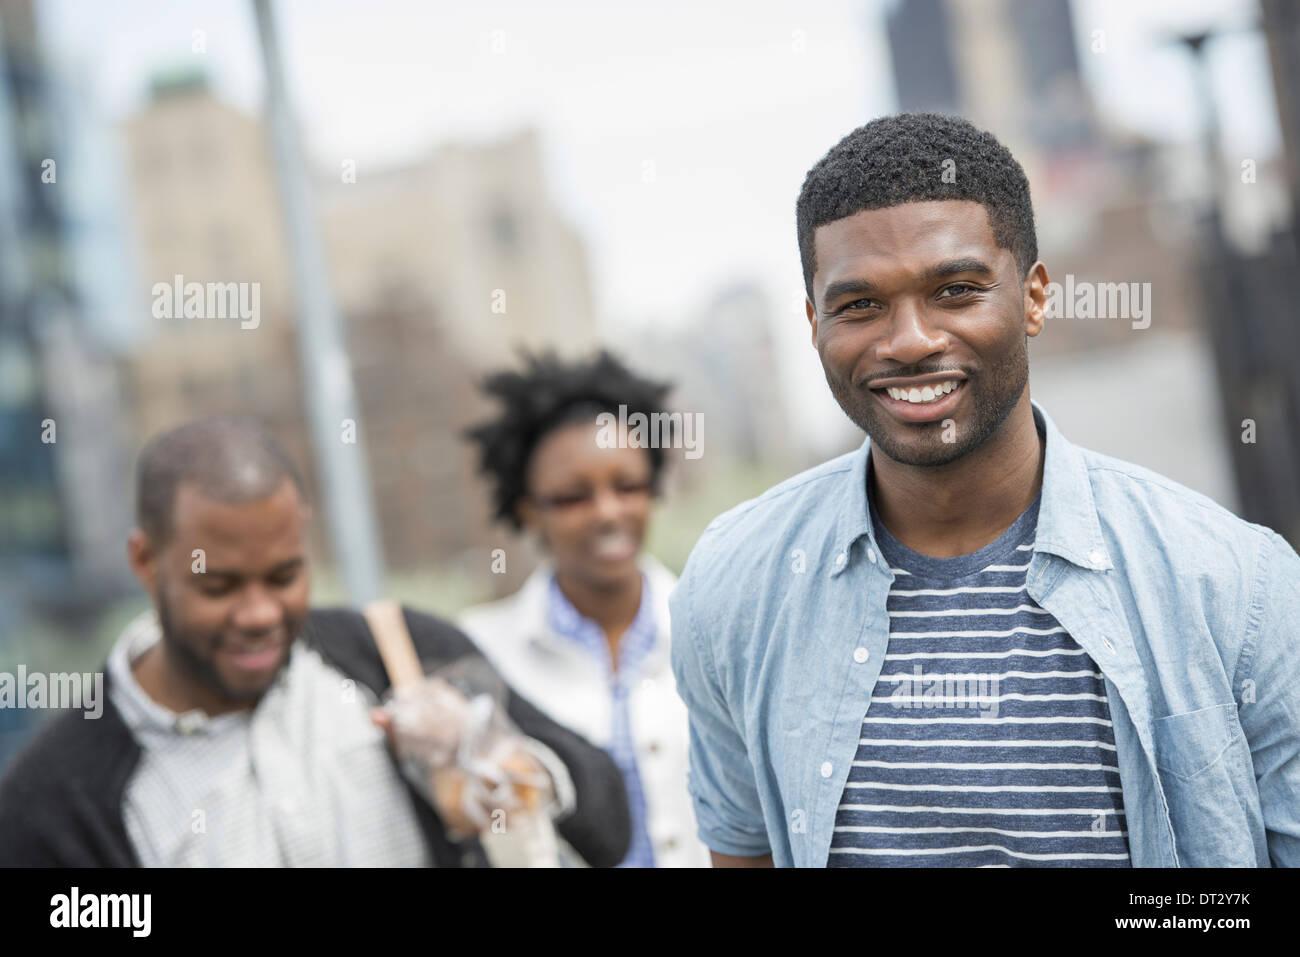 Trois personnes, un couple et un jeune homme Photo Stock